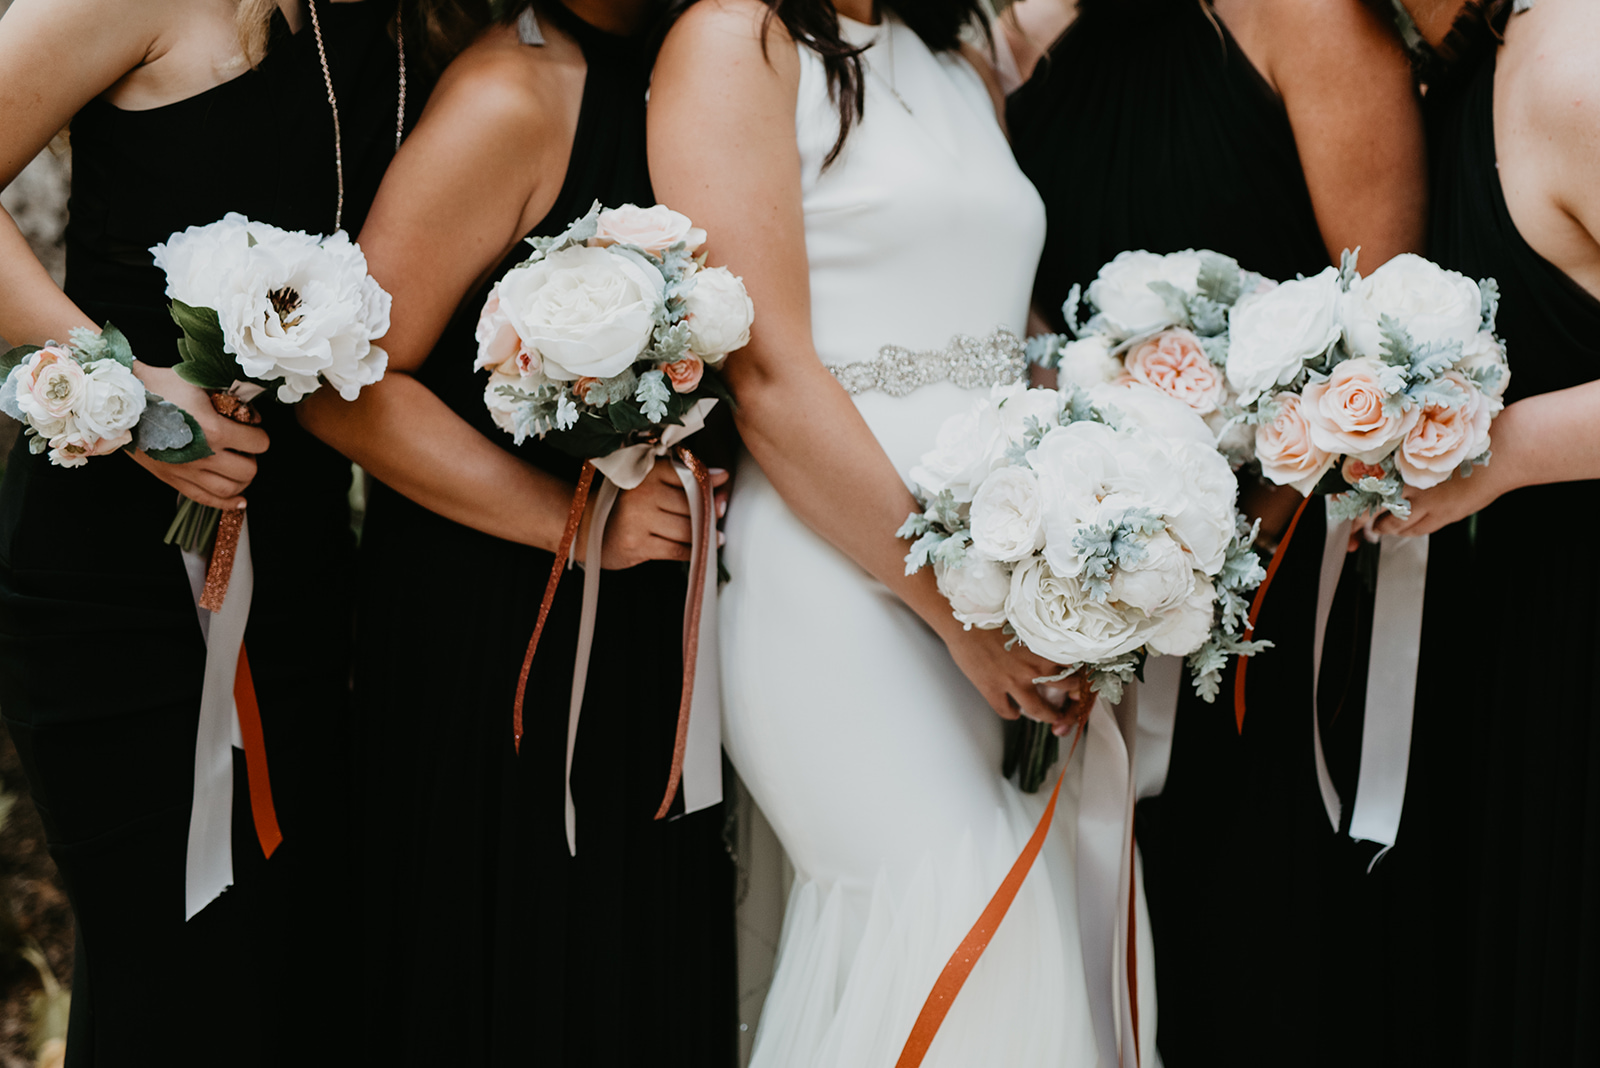 Fashion Island Wedding in California - Flowers